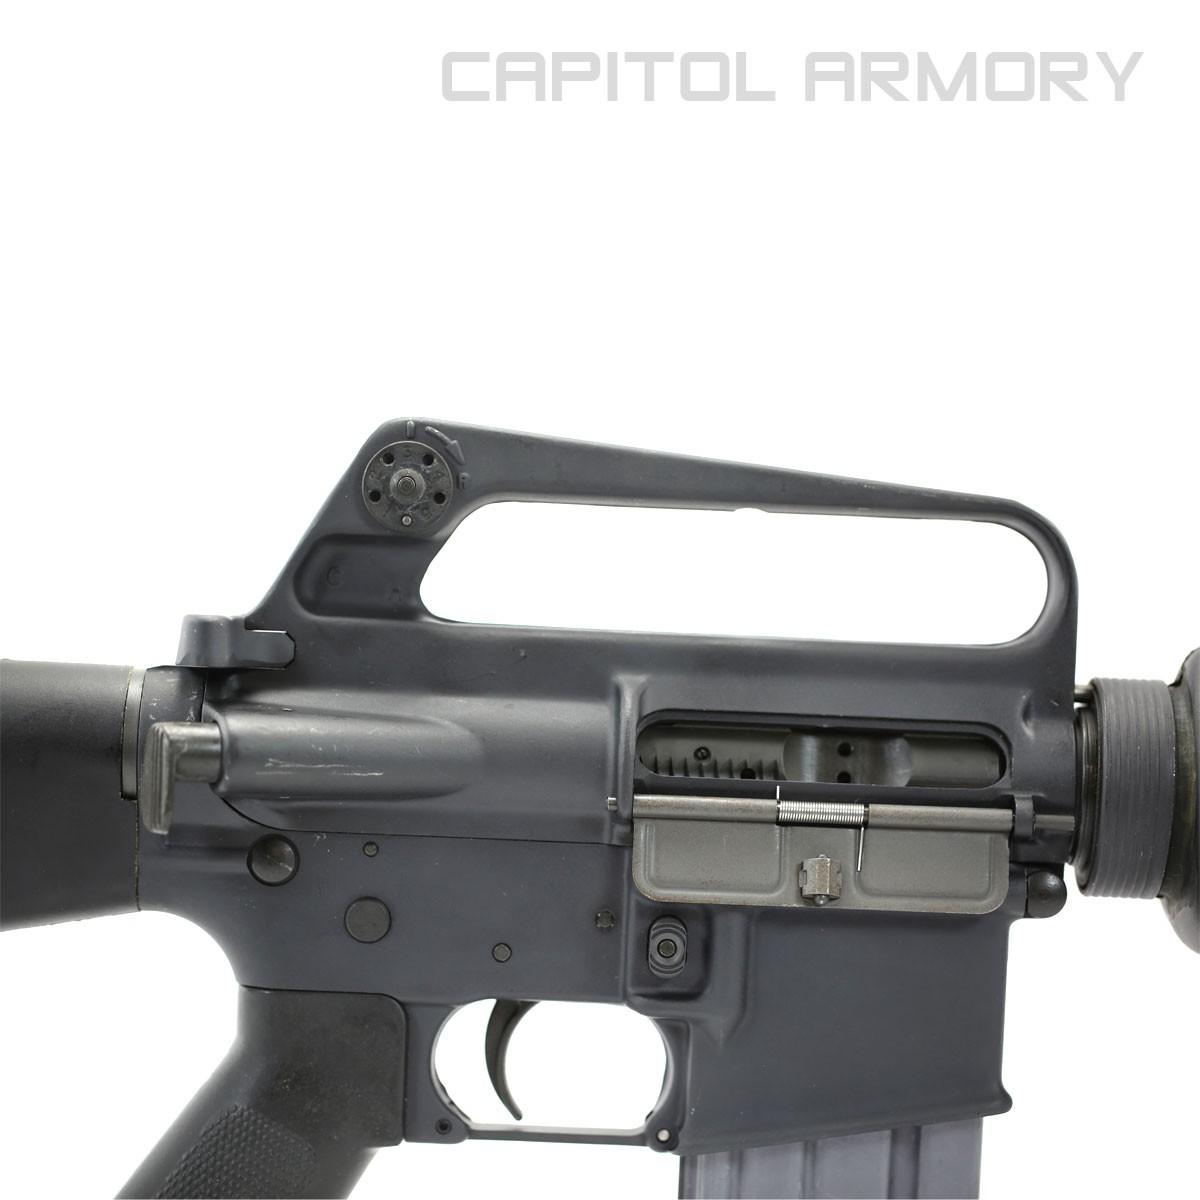 Colt M16A1, Excellent Condition - Capitol Armory